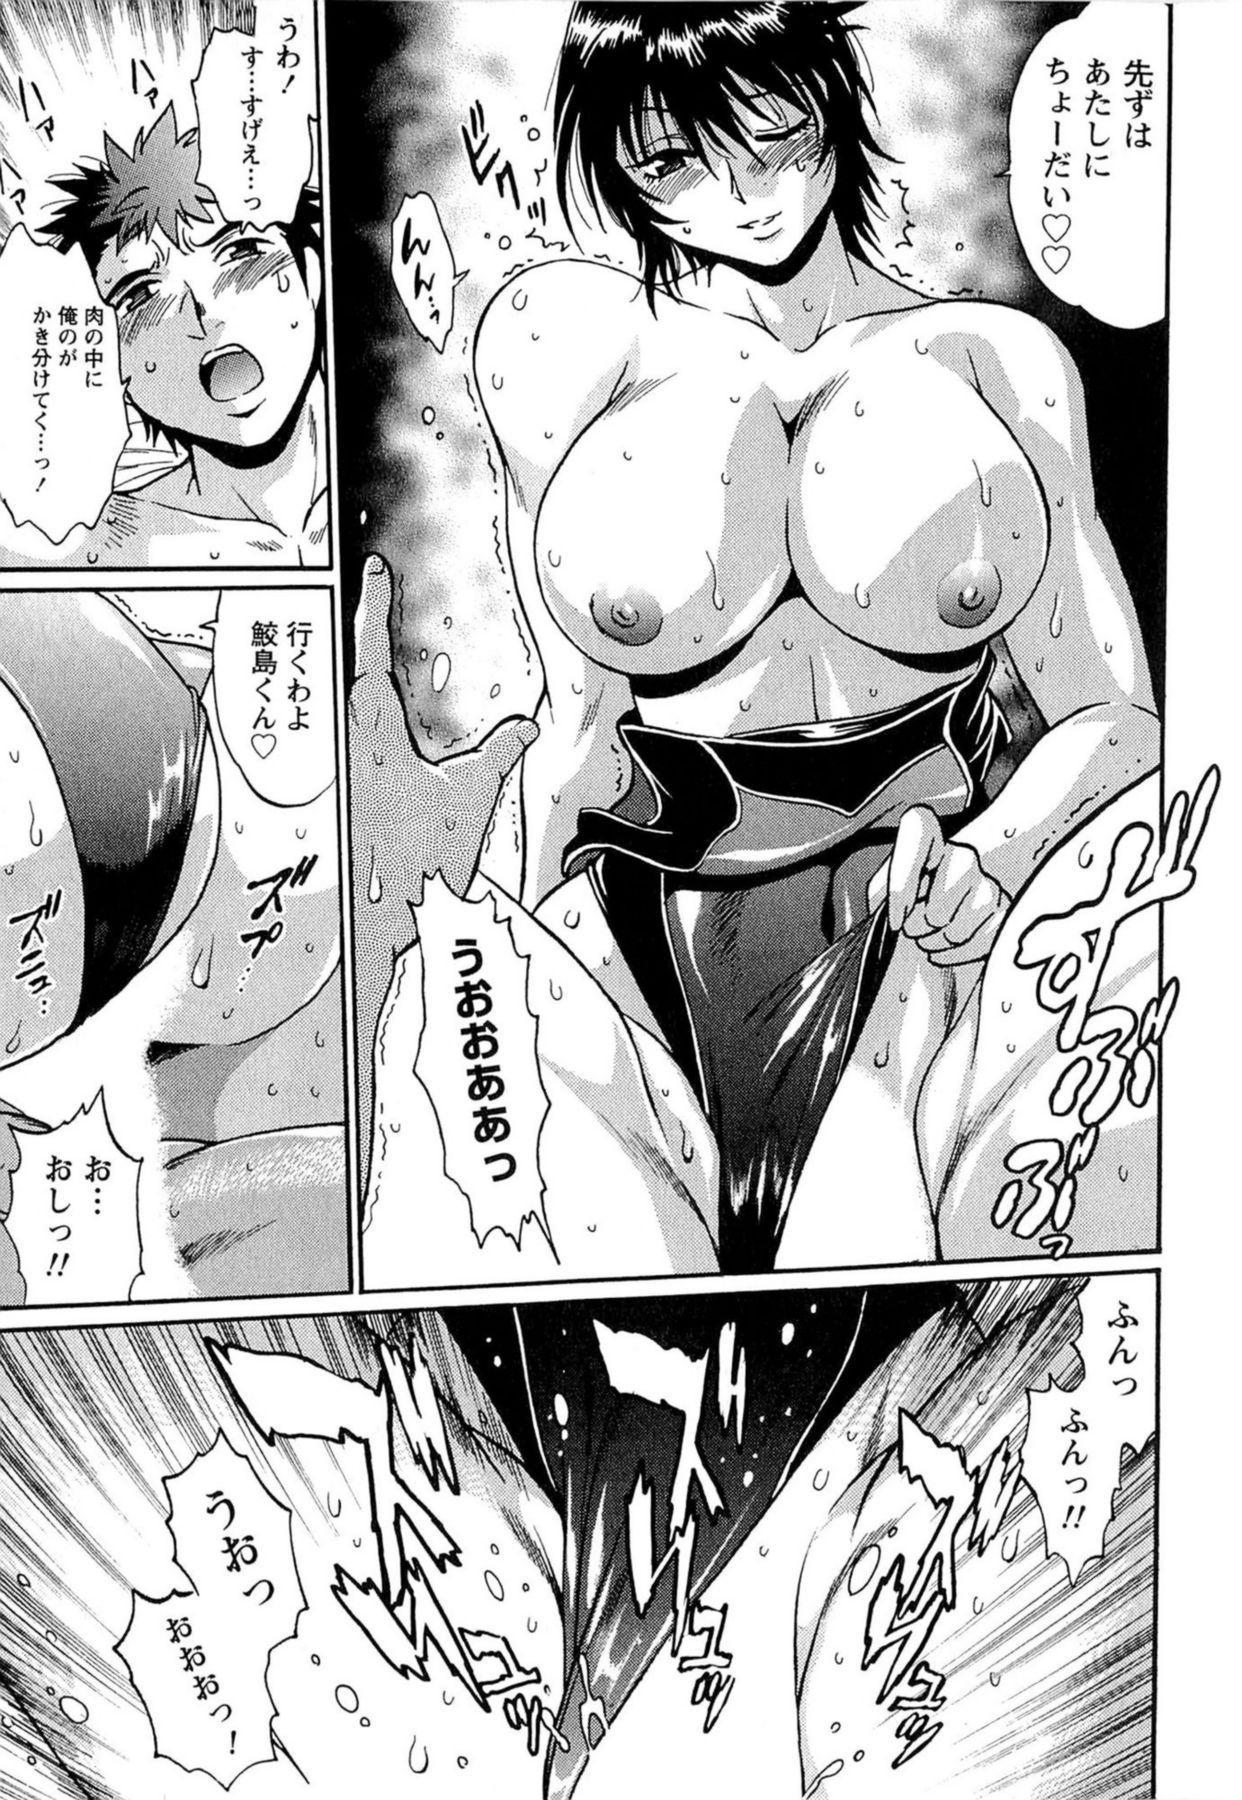 Kuikomi wo Naoshiteru Hima wa Nai! Vol. 1 121